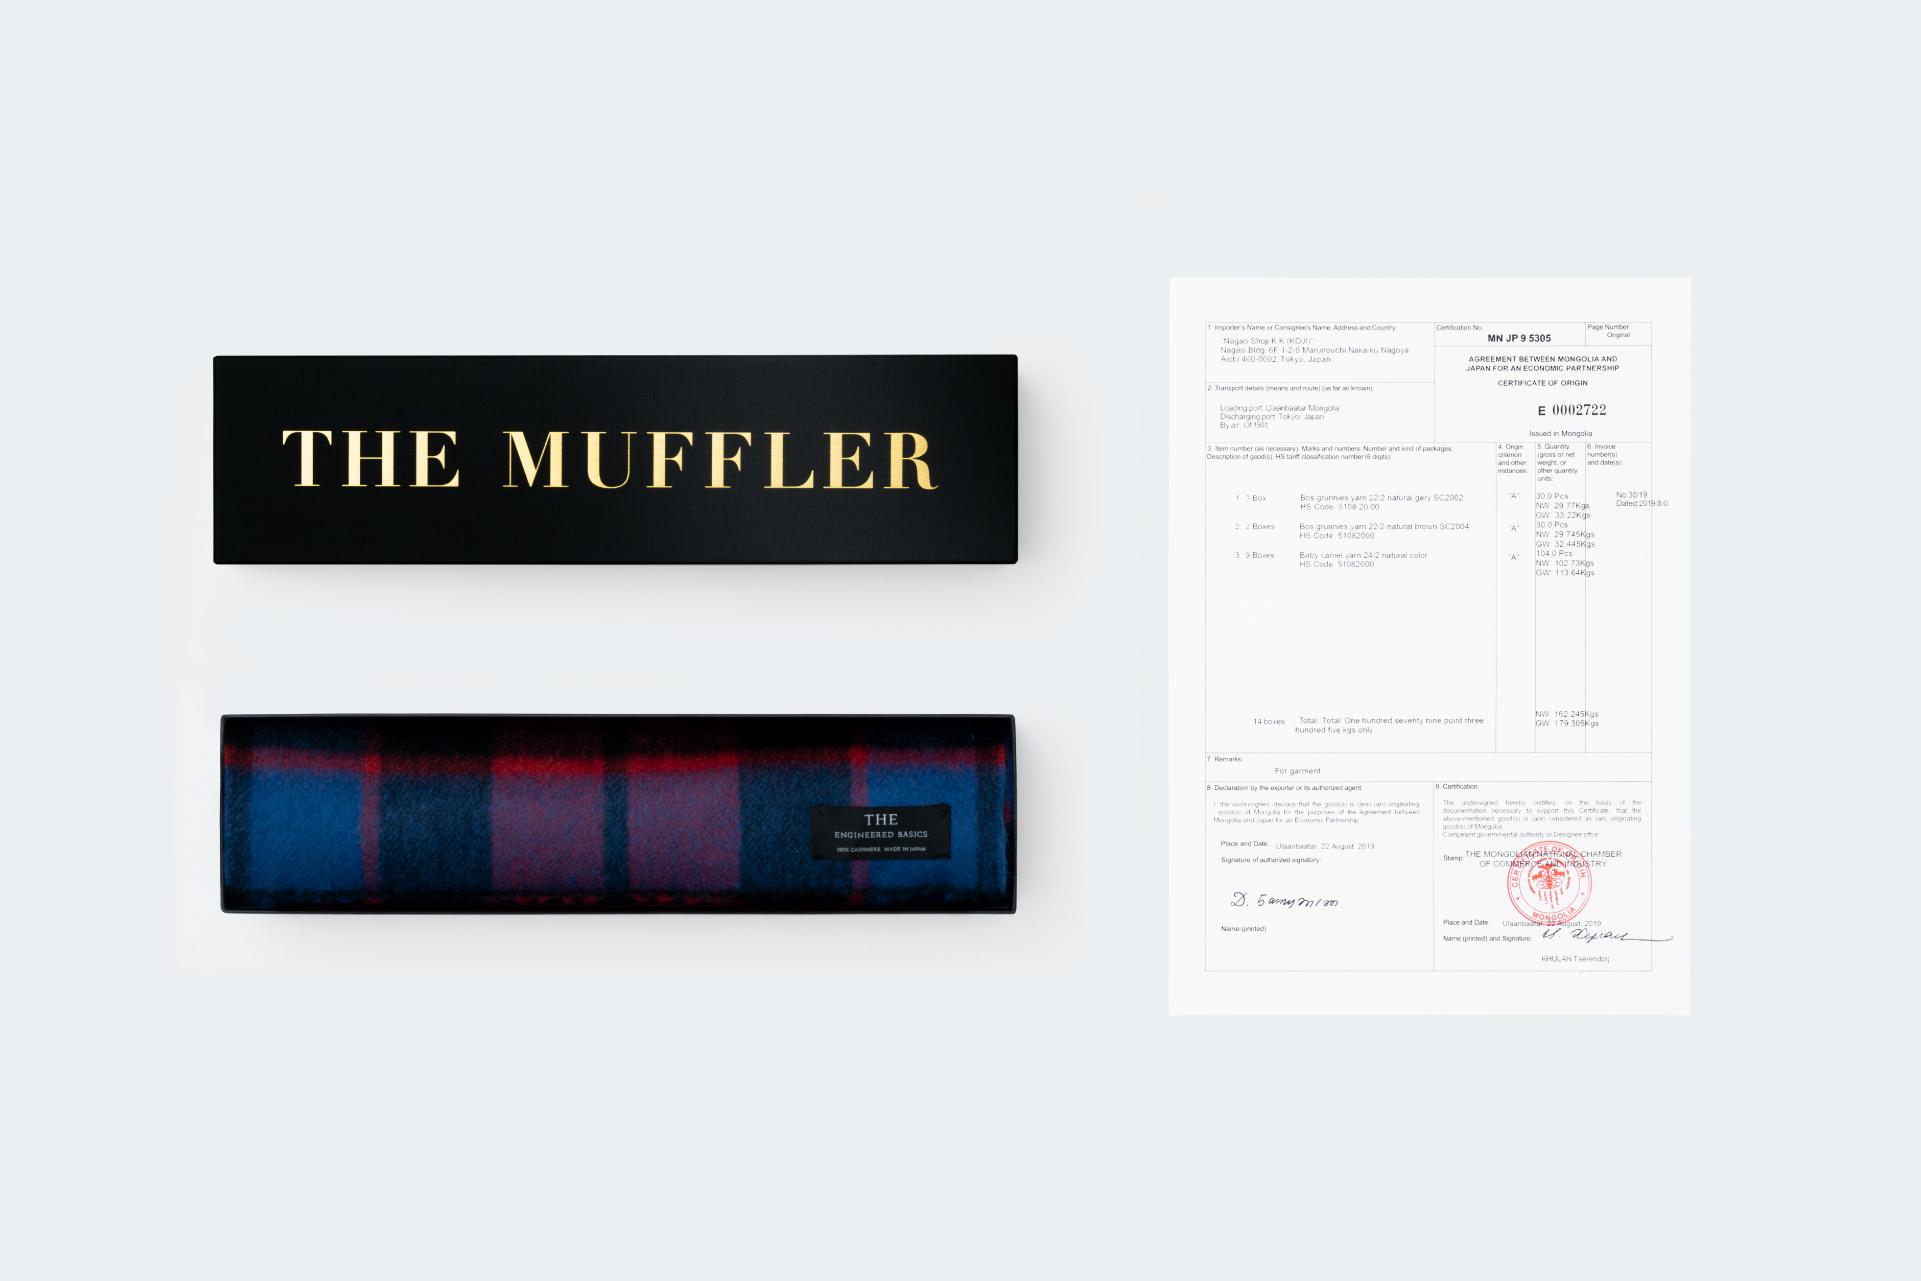 THE MUFFLER